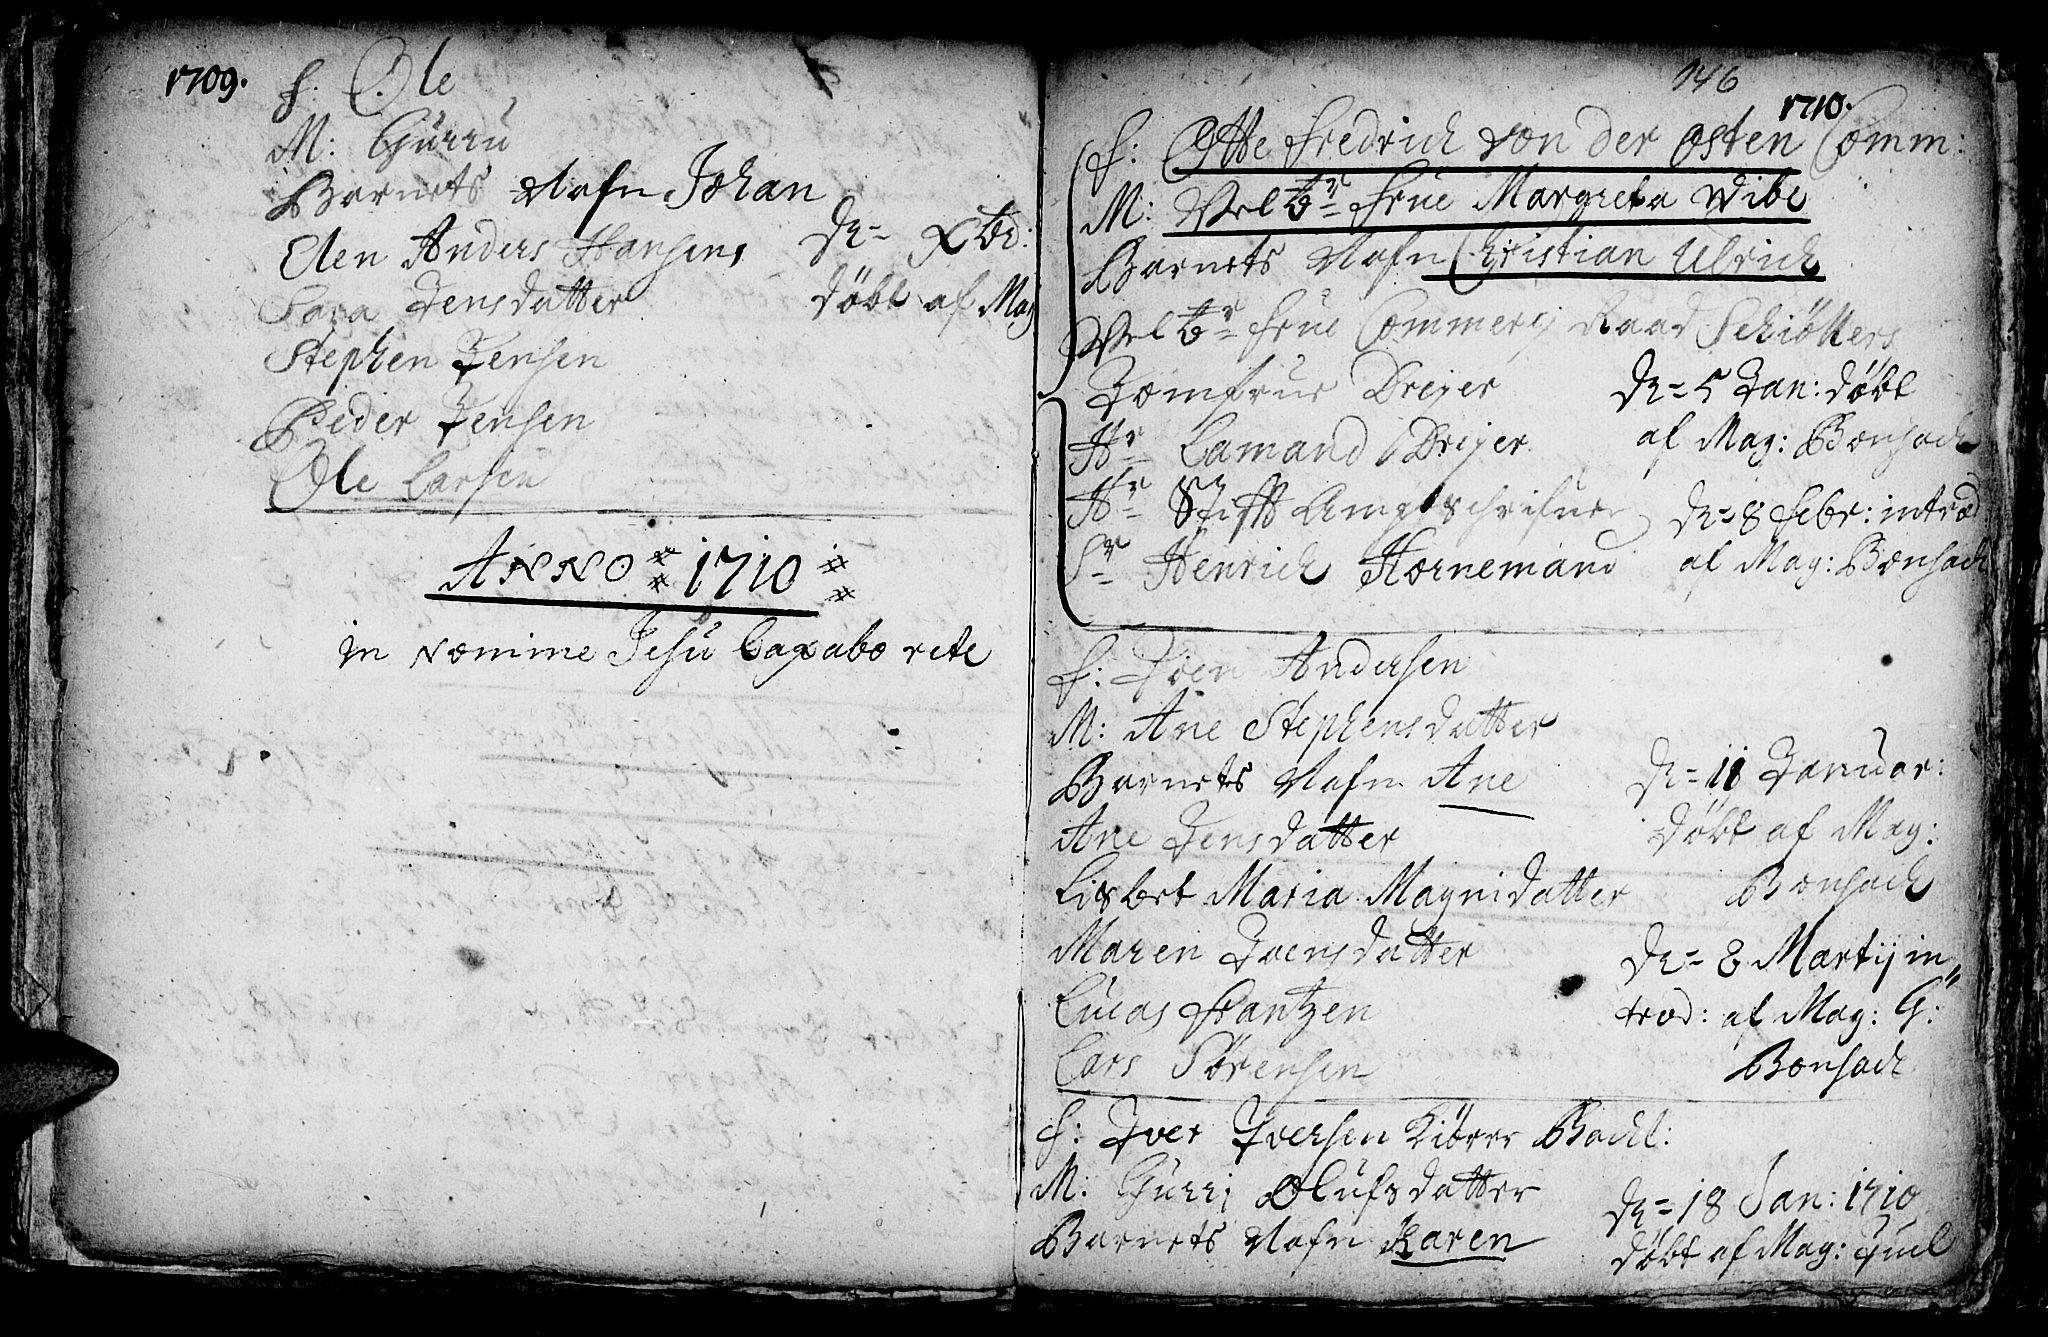 SAT, Ministerialprotokoller, klokkerbøker og fødselsregistre - Sør-Trøndelag, 601/L0034: Ministerialbok nr. 601A02, 1702-1714, s. 146